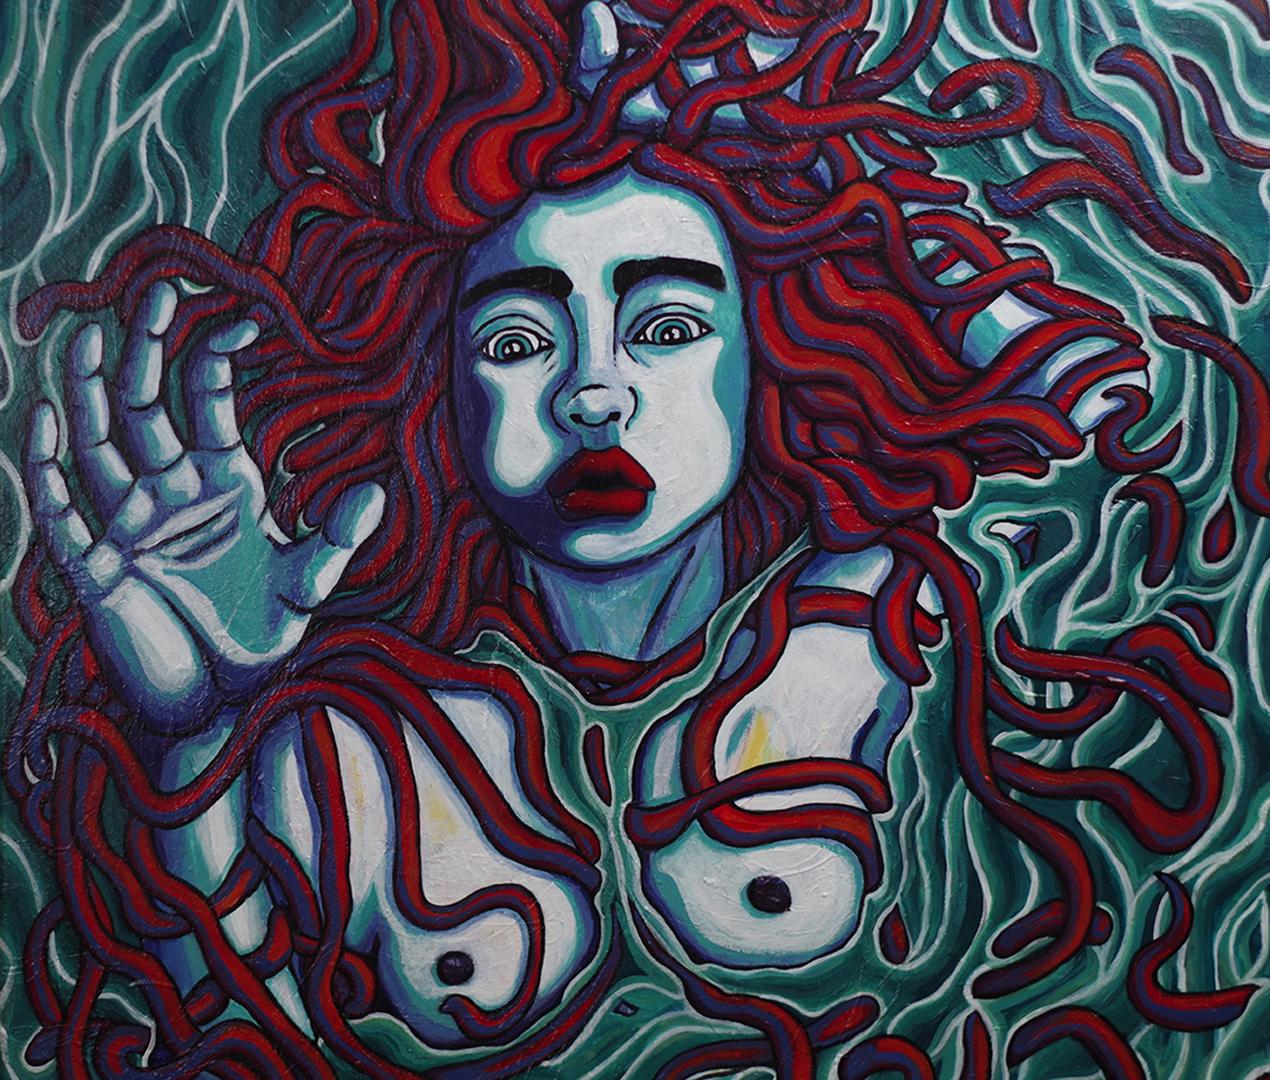 Femme dans l'eau, acrylique sur toile, 100 x 65 cm, février 2020, Lille, France